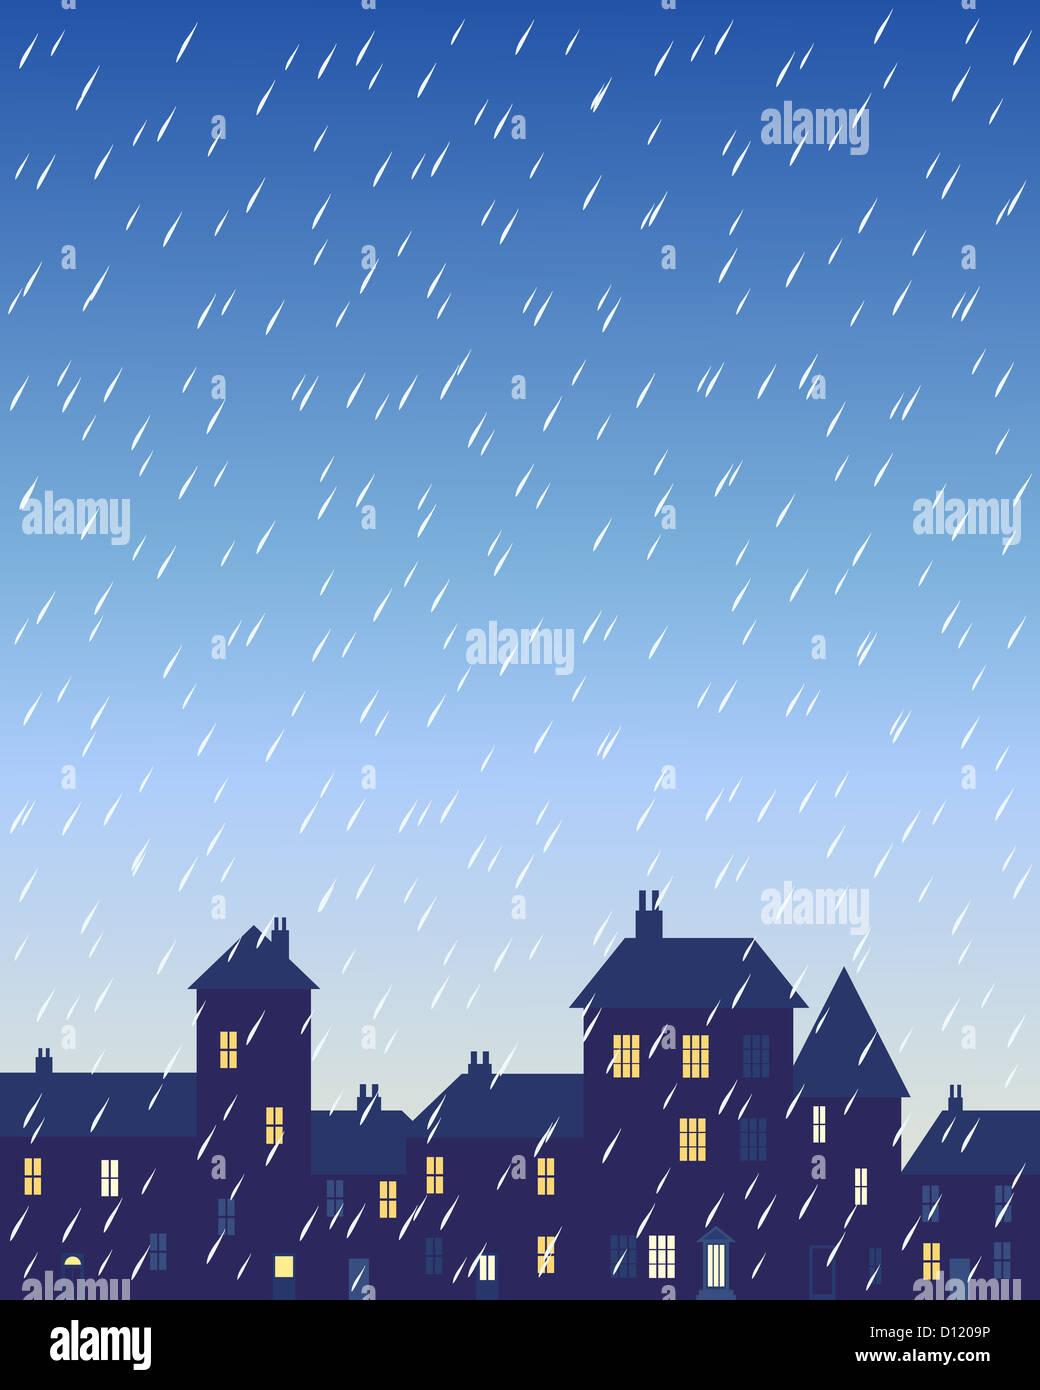 ein Beispiel für einen regnerischen Tag in einer Stadt mit verschiedenen geformten Gebäude und Häuser Stockbild